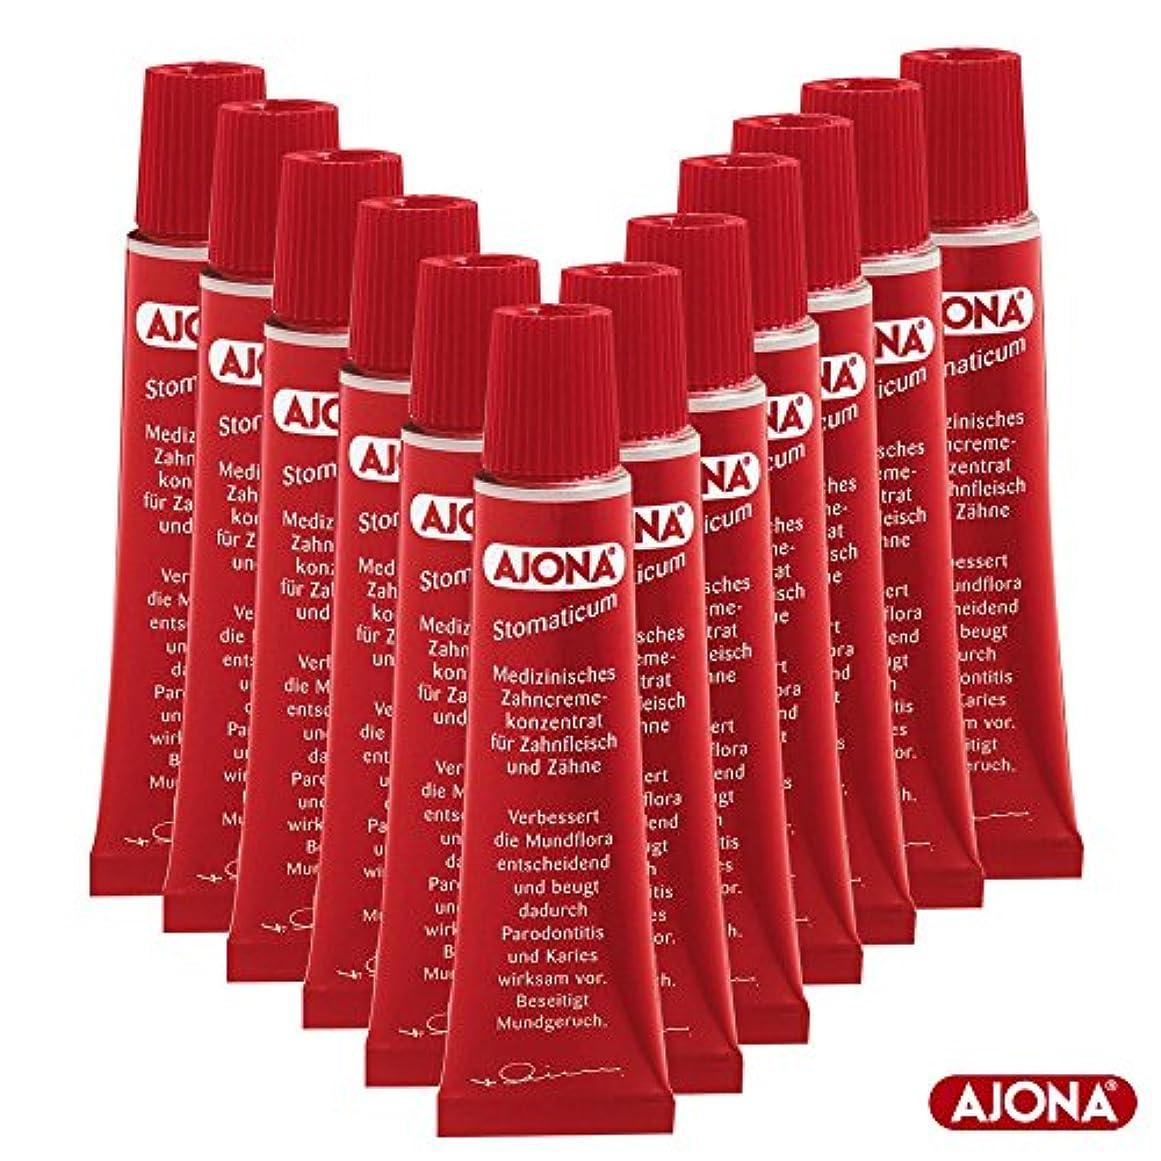 失敗メイドレーダーAjona 濃縮歯磨き粉 Stomaticum Toothpaste 25ml(12x 25ml)-12Pack [並行輸入品]